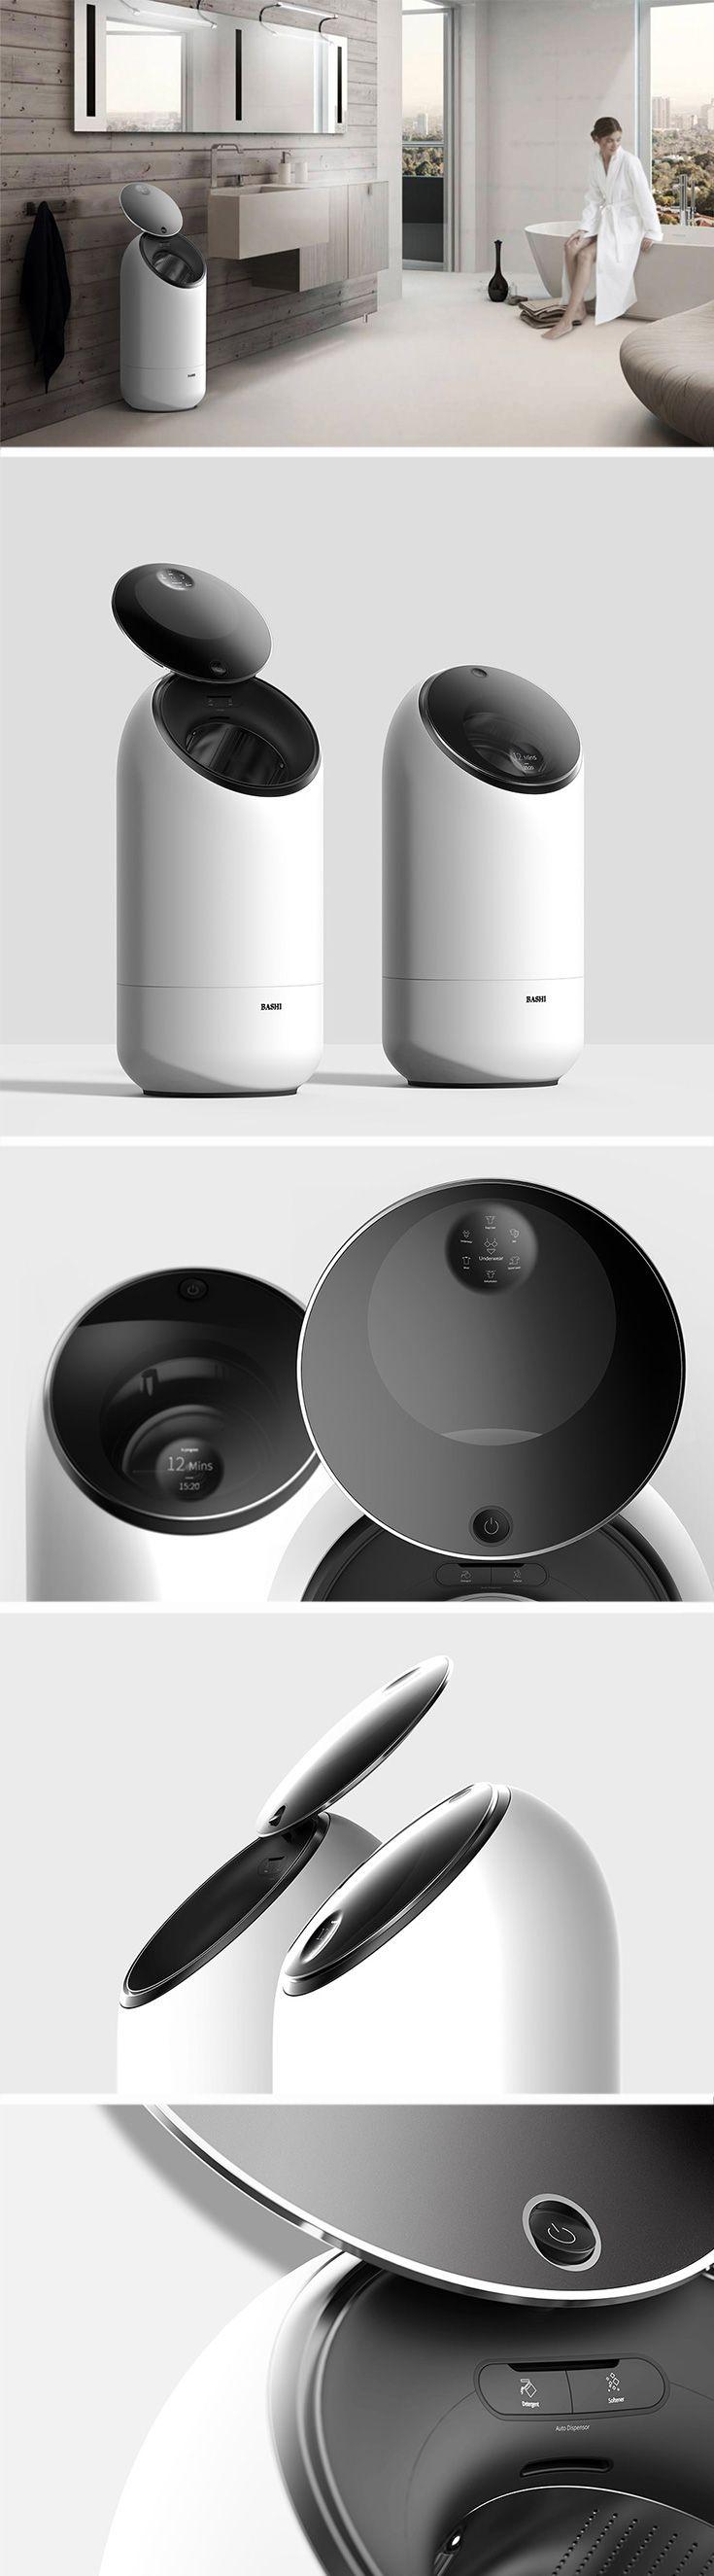 Designed With Delicate Underwear In Mind, Bashi Offers An ... Klimaanlagen Von Daikin Innovativ Benutzerfreundlich